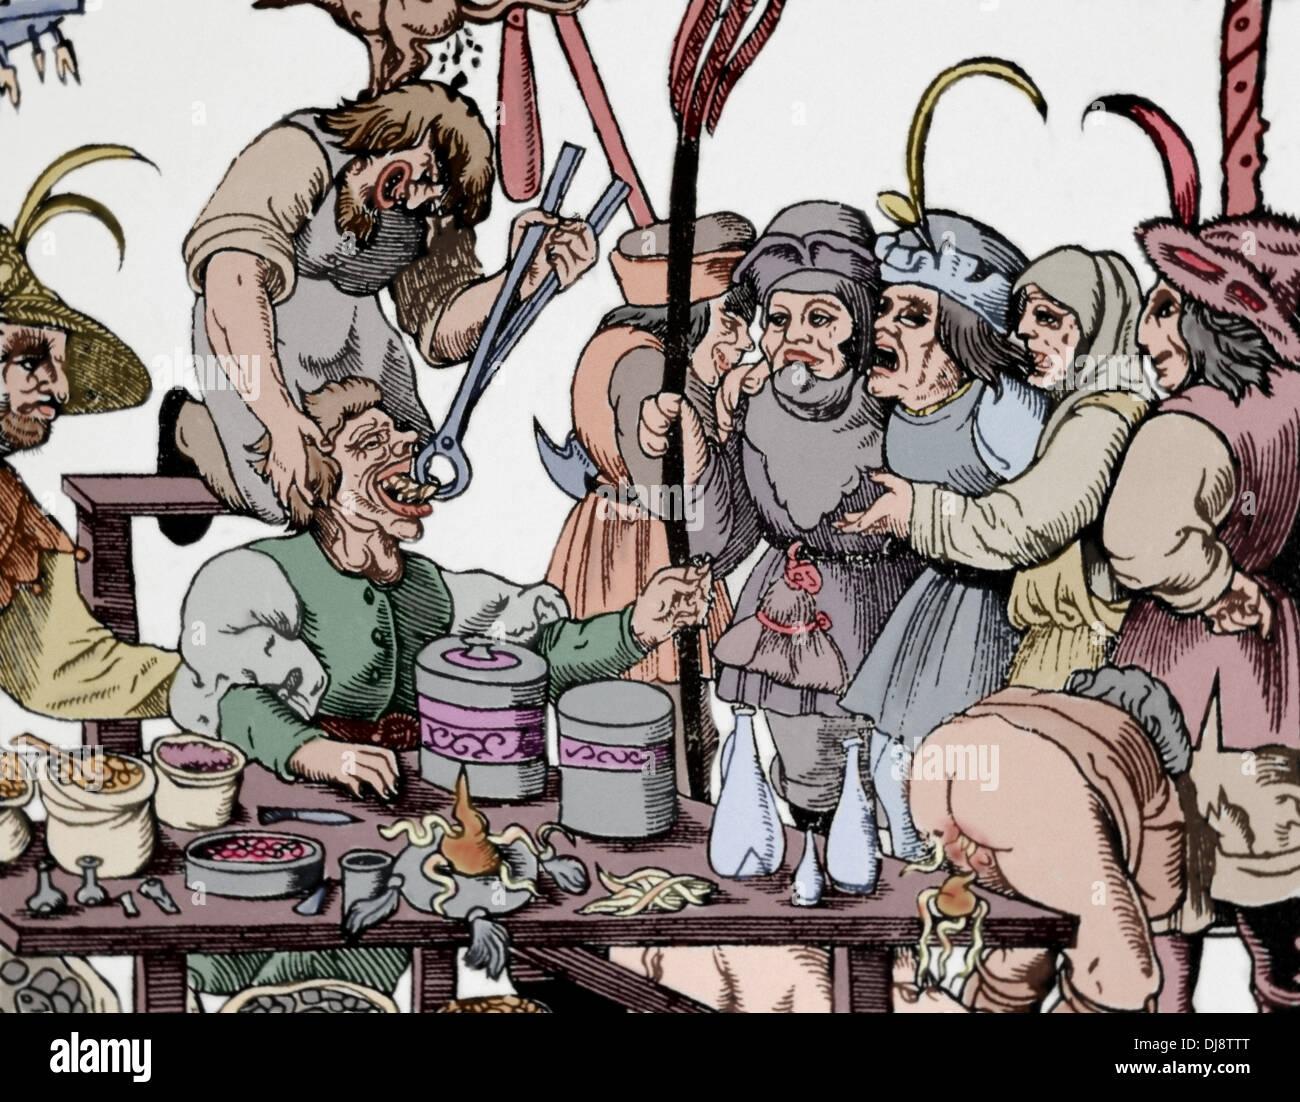 La storia della medicina. Dentista (barbieri o medici generali). Medioevo. La satira. Incisione colorata. Immagini Stock